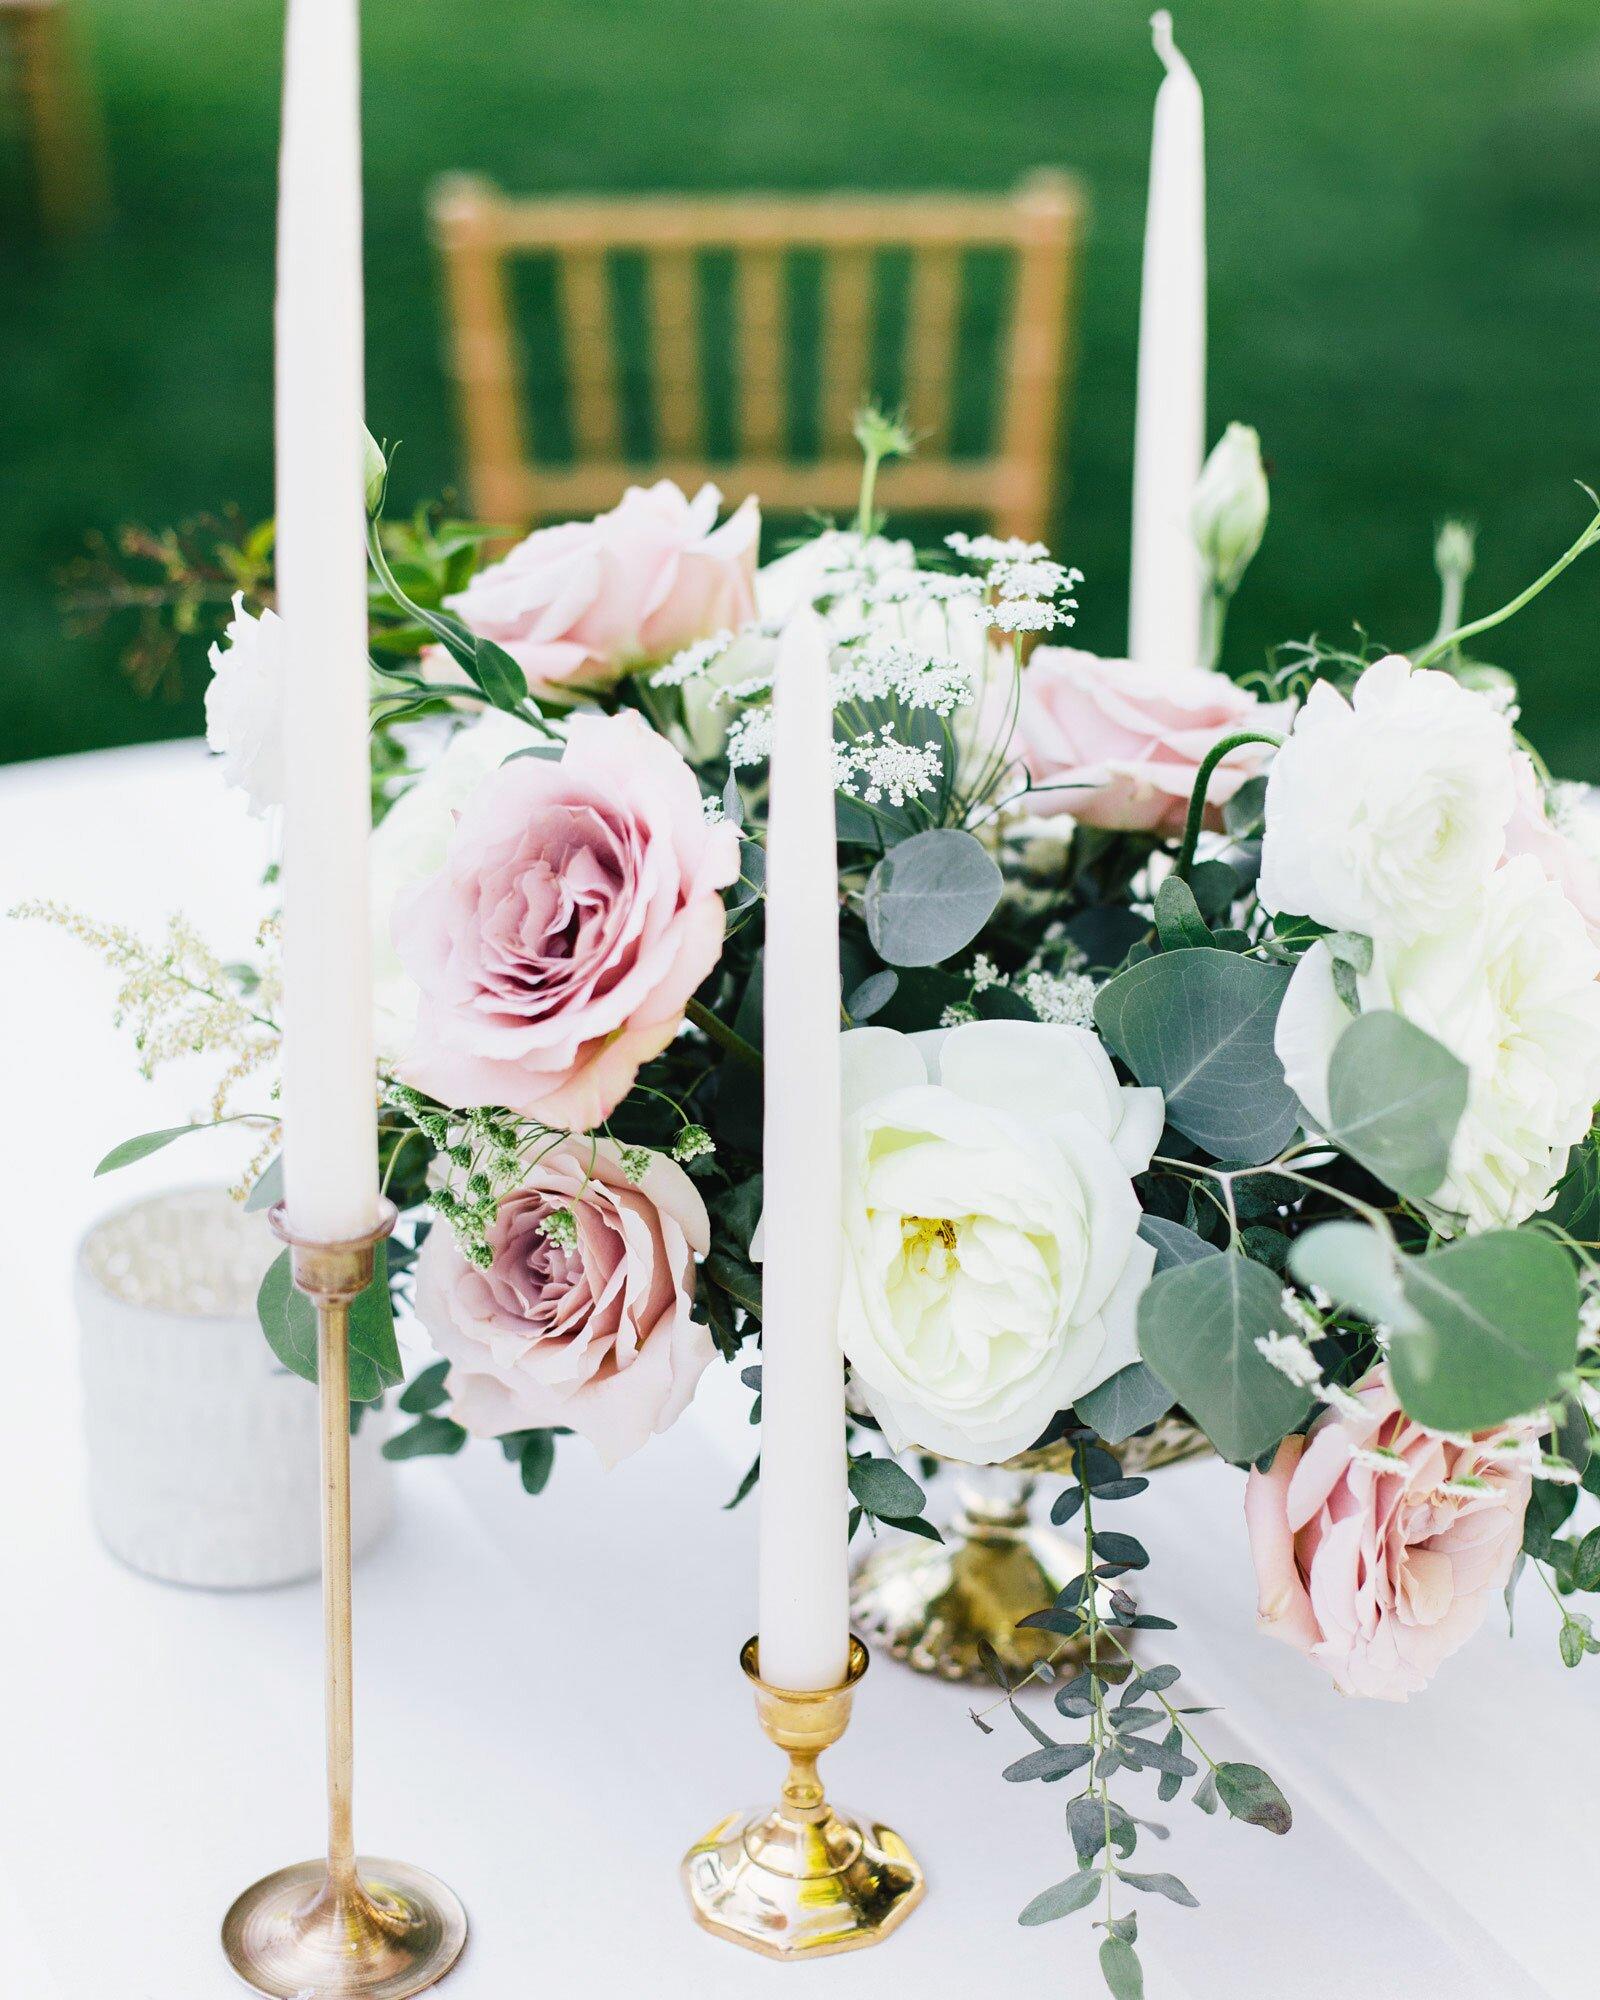 Idee Deco Vase Rond 50 wedding centerpiece ideas we love | martha stewart weddings